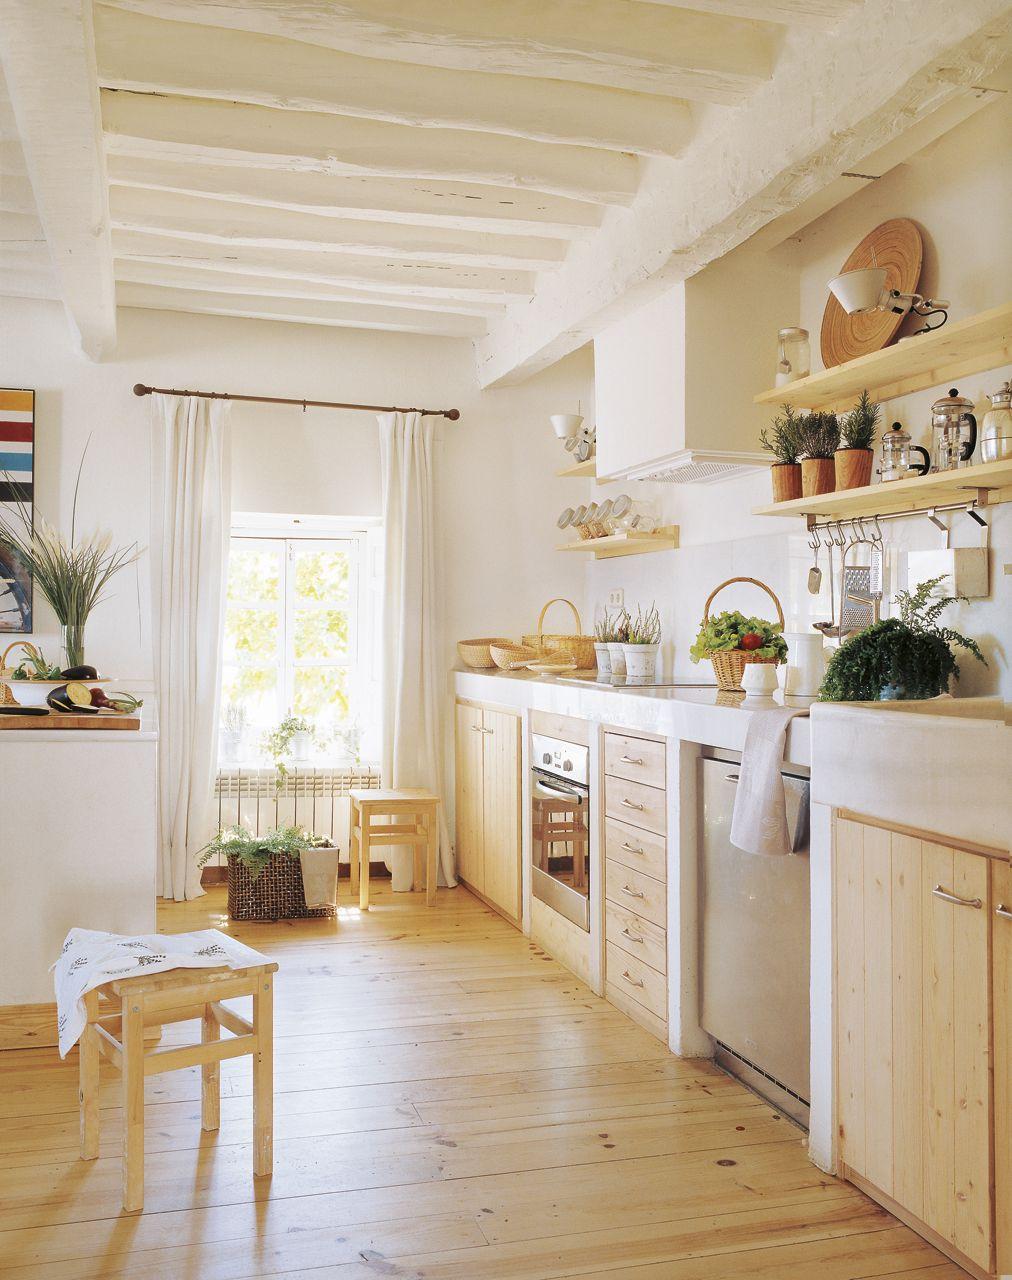 Seleccion De Cocinas Vistas En La Revista El Mueble Y Ad Cocina Madera Decoracion De Cocina Cocina Campestre